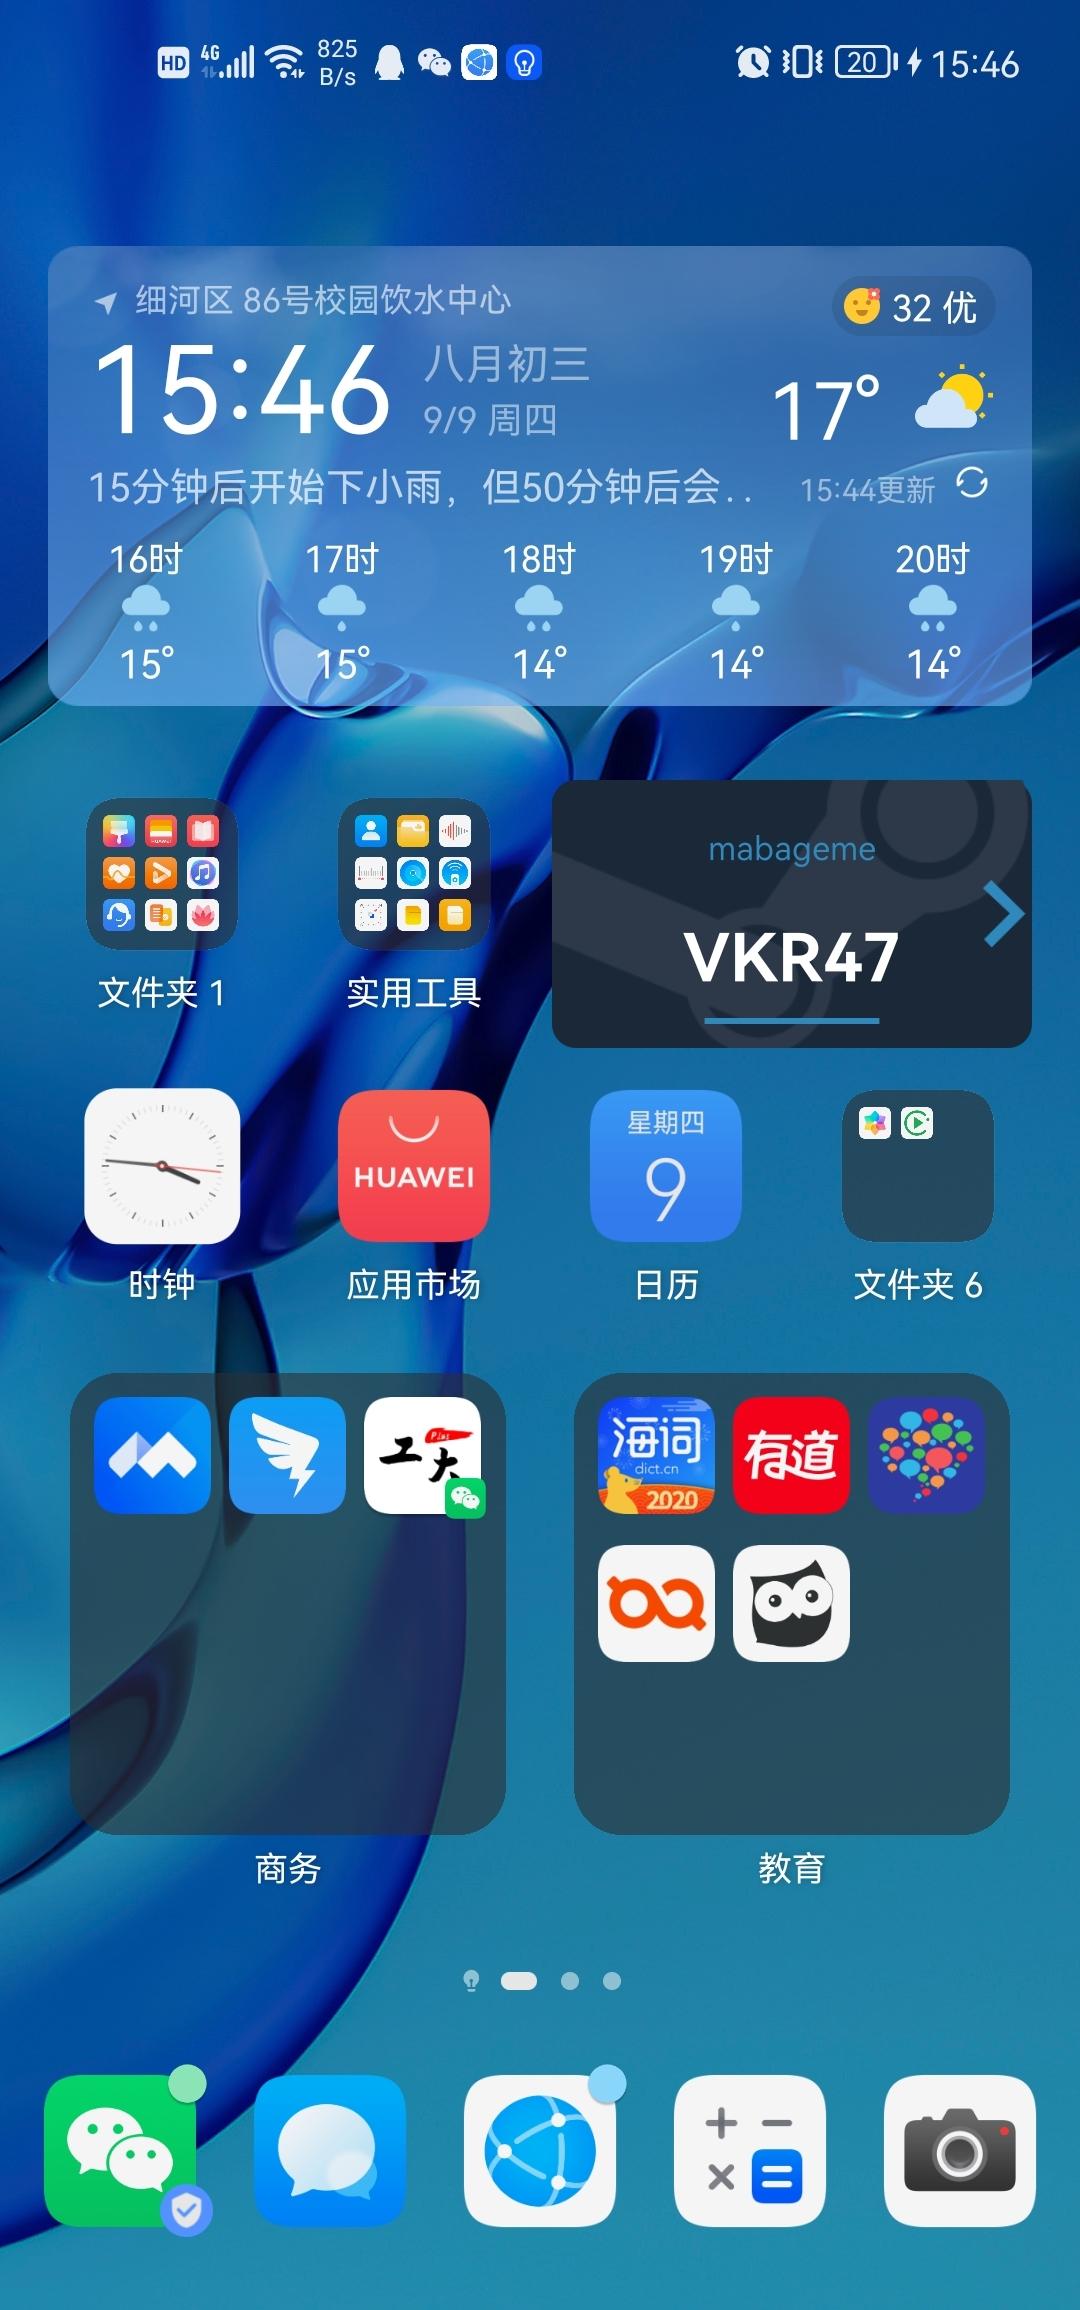 Screenshot_20210909_154616_com.huawei.android.launcher.jpg